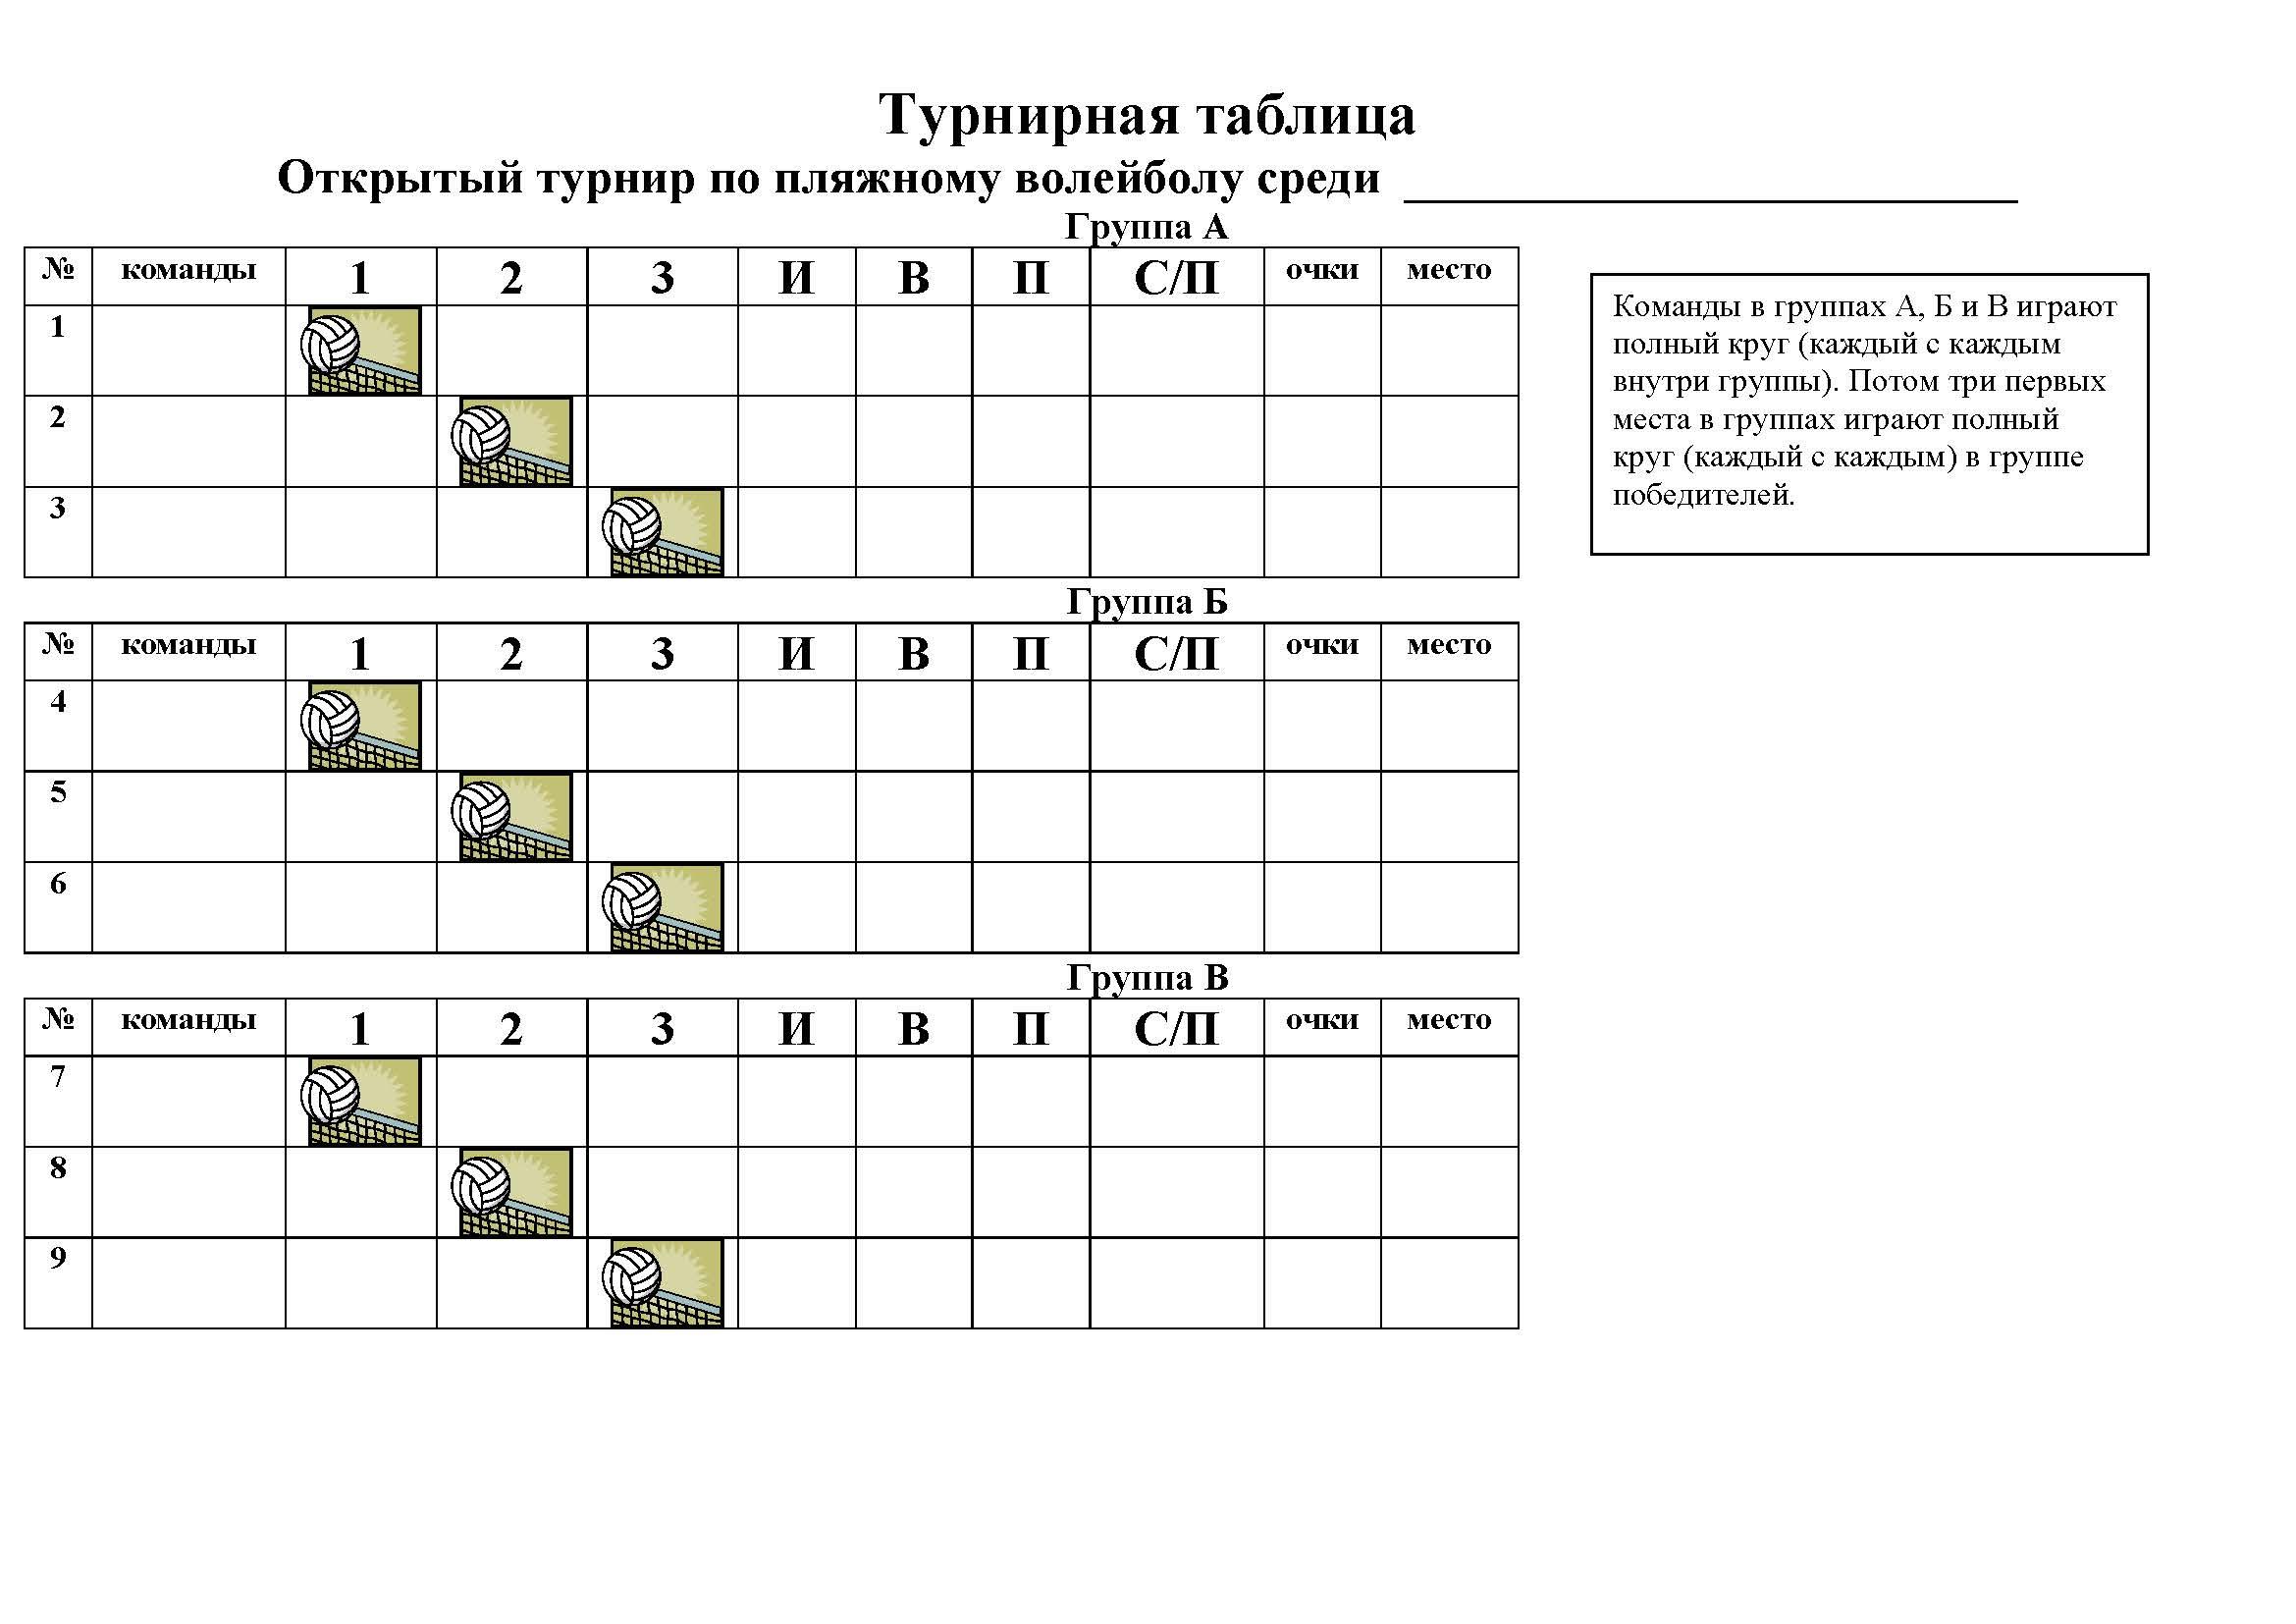 Скачать бланк турнирная таблица по волейболу